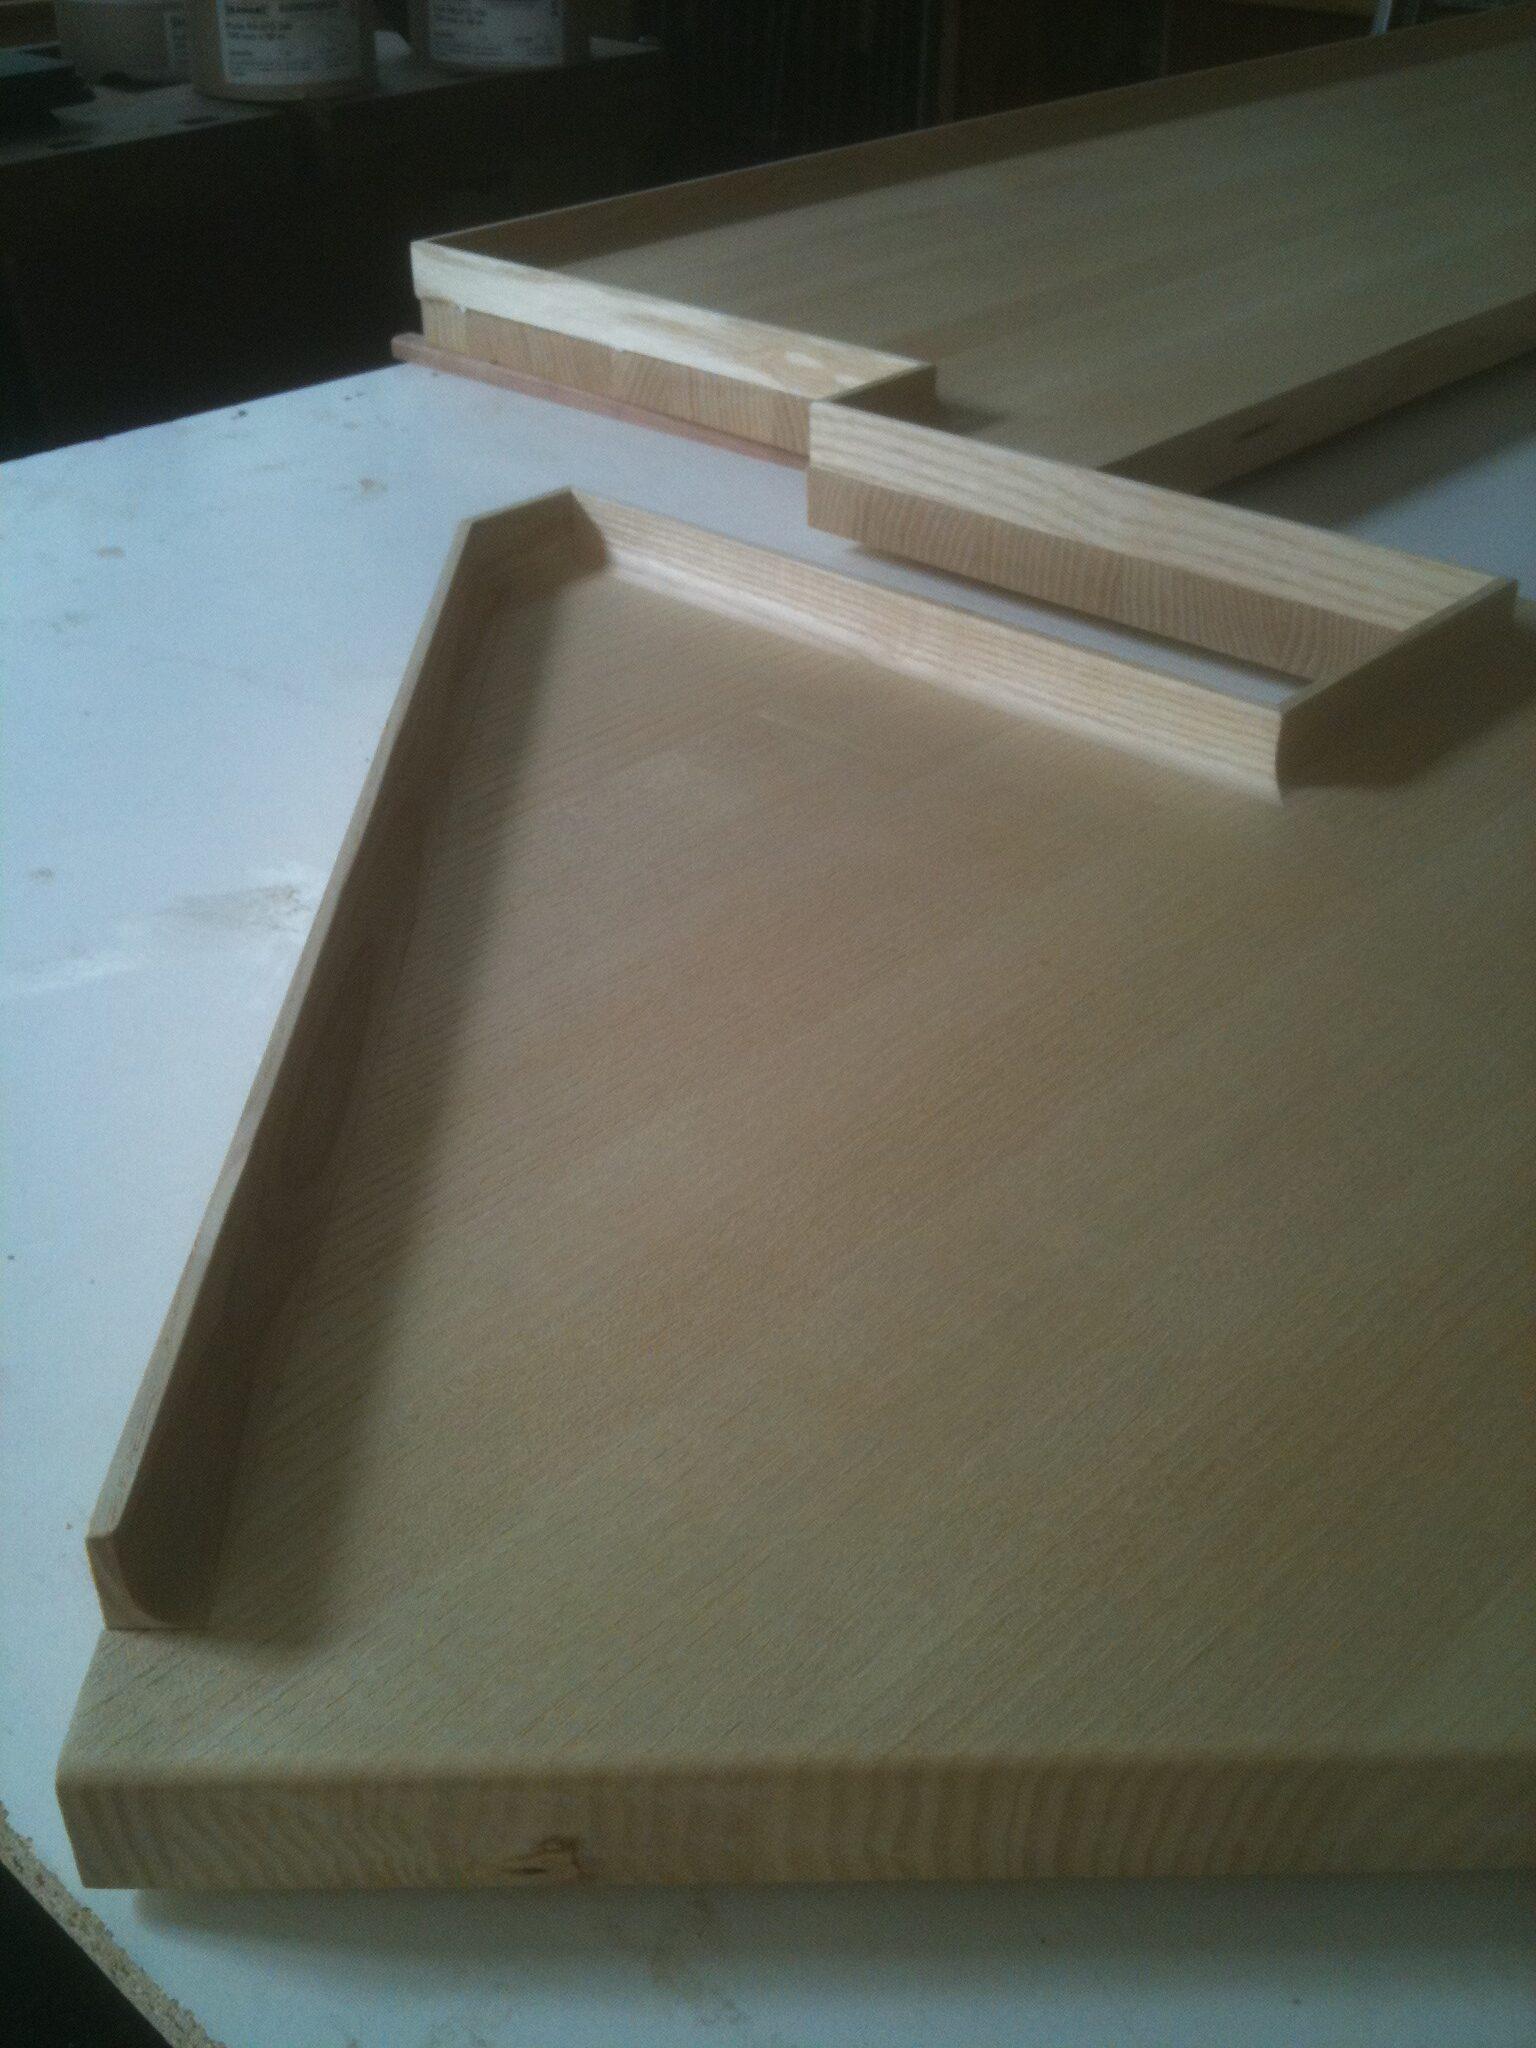 Special bygget køkkenbordsplade